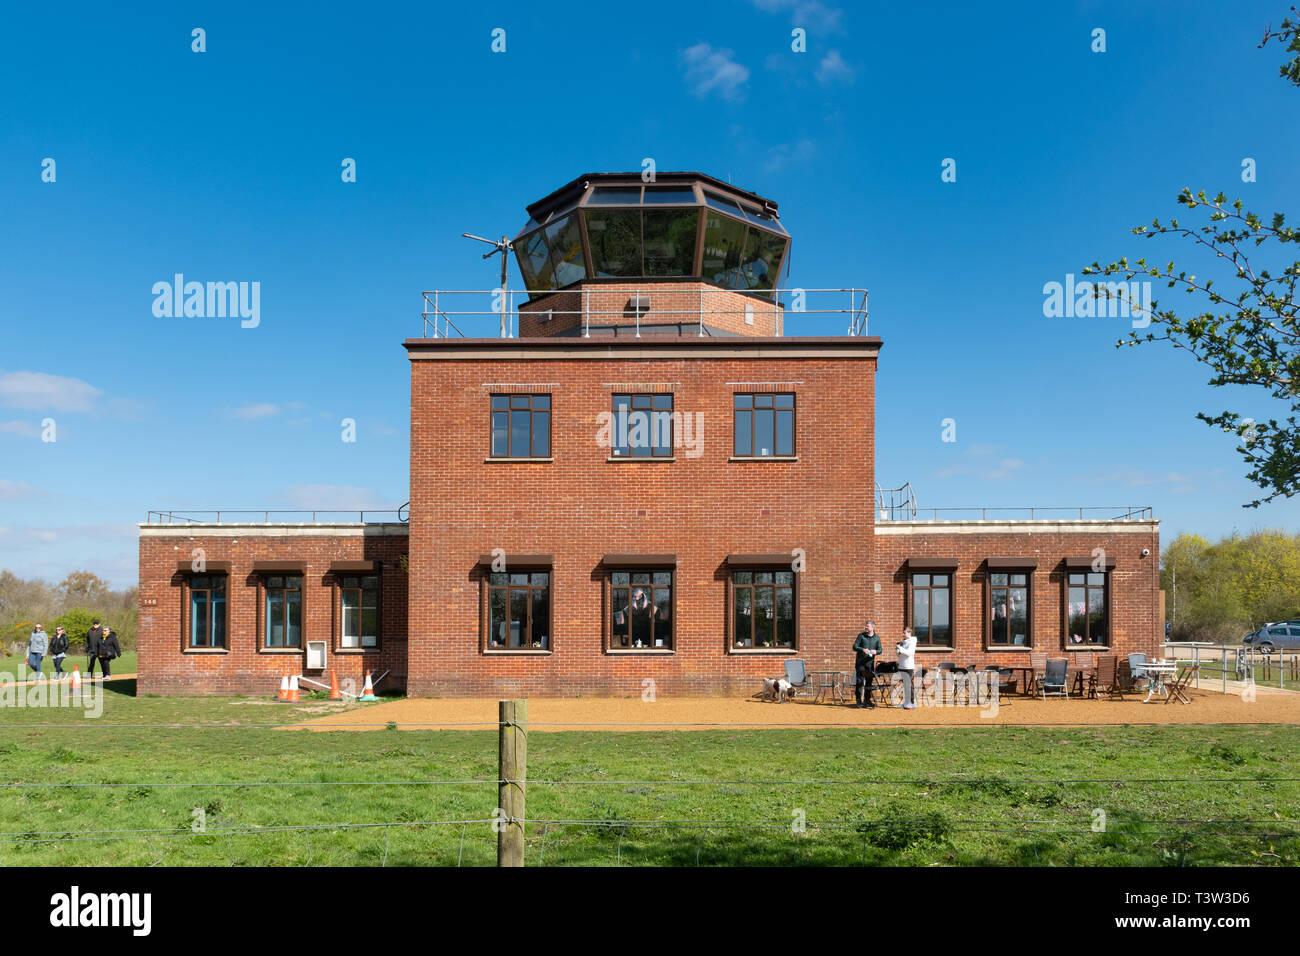 La tour de contrôle de Greenham Common, près de Newbury, Berkshire, Royaume-Uni, a récemment ouvert au public. Photo Stock